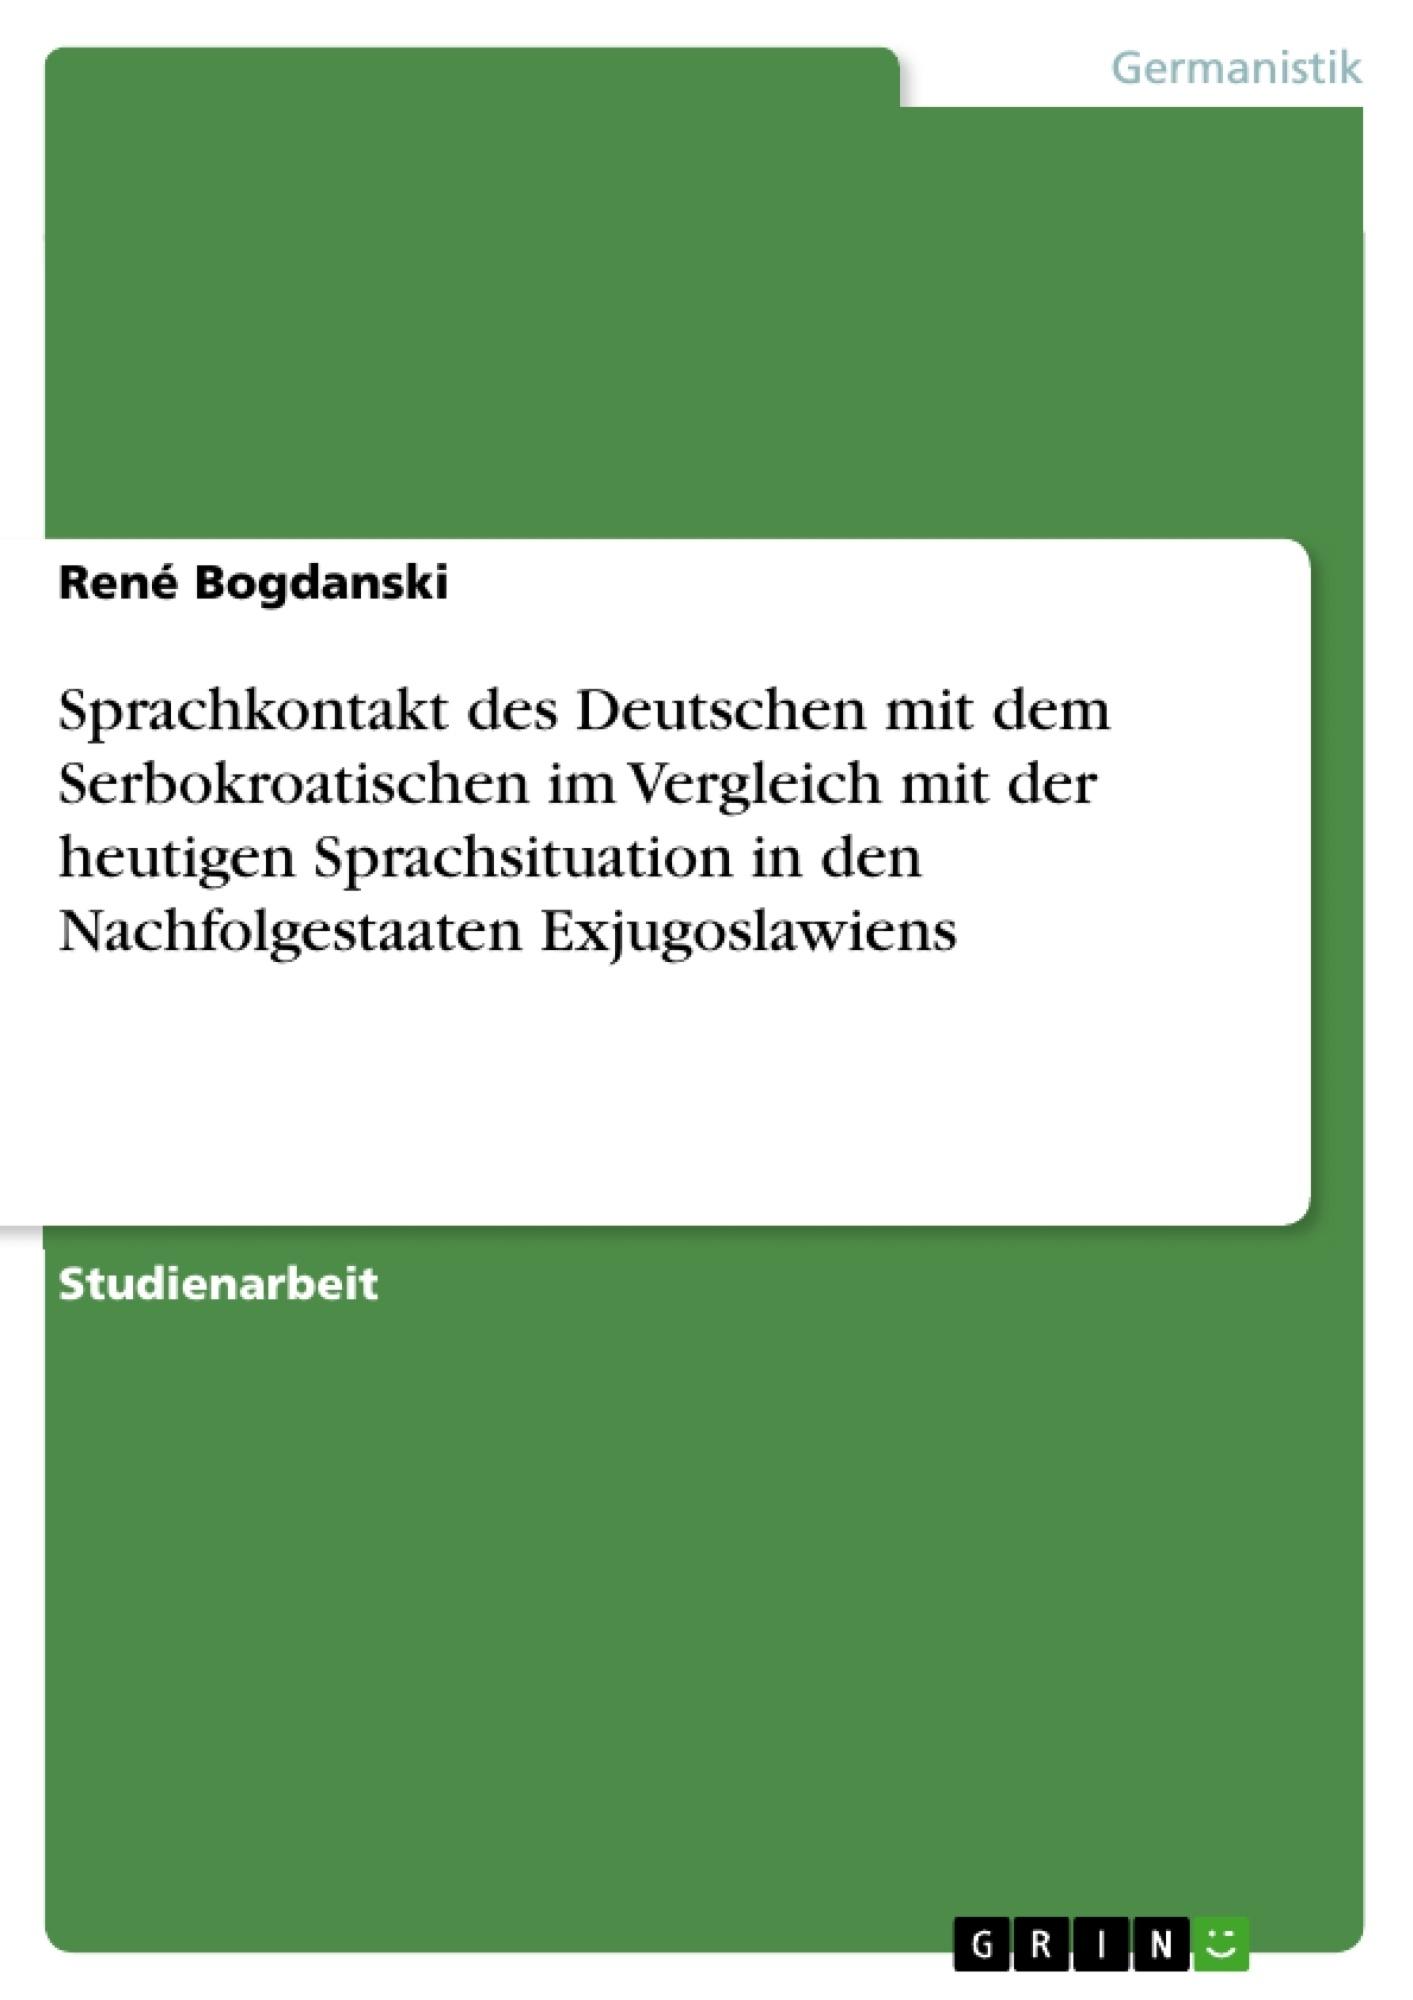 Titel: Sprachkontakt des Deutschen mit dem Serbokroatischen im Vergleich mit der heutigen Sprachsituation in den Nachfolgestaaten Exjugoslawiens